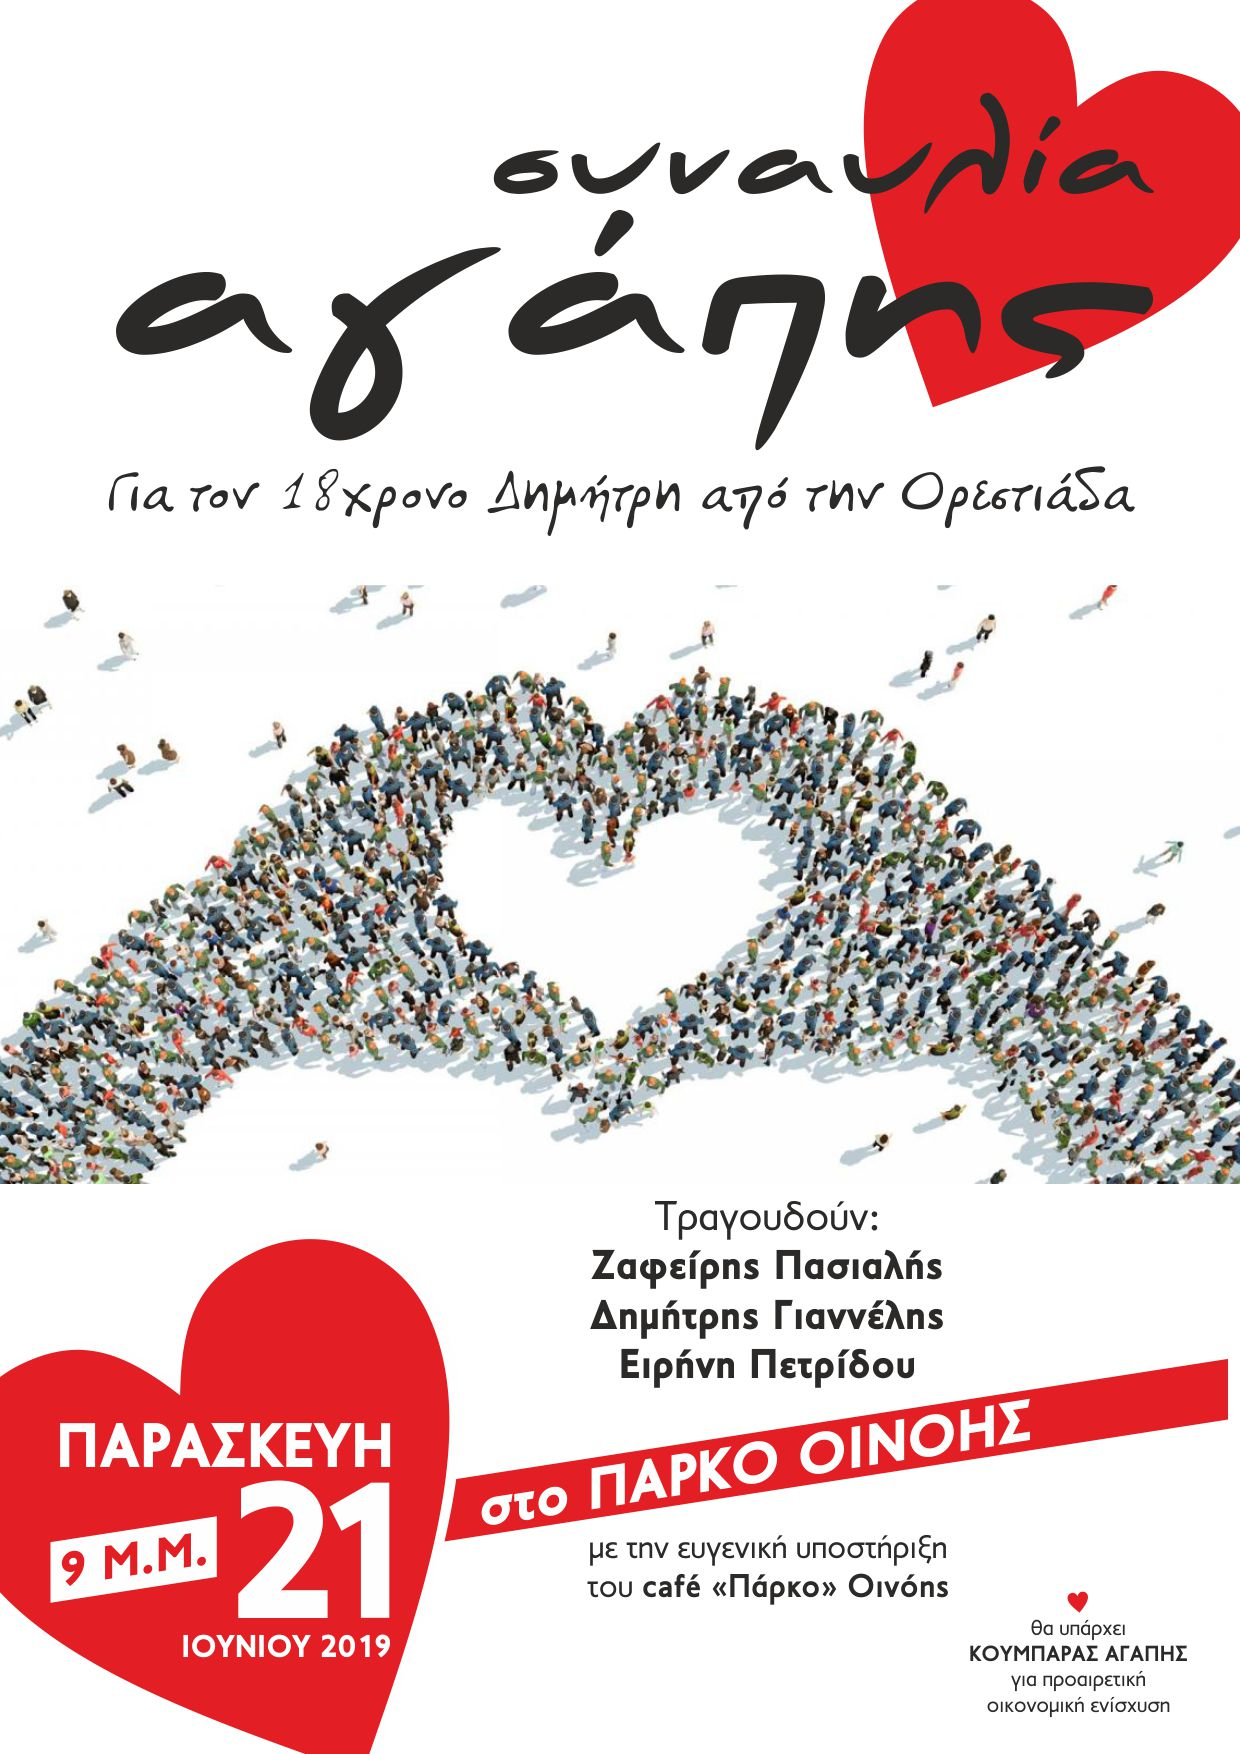 Συναυλία Αγάπης για τον 18χρονο Δημήτρη από την Ορεστιάδα